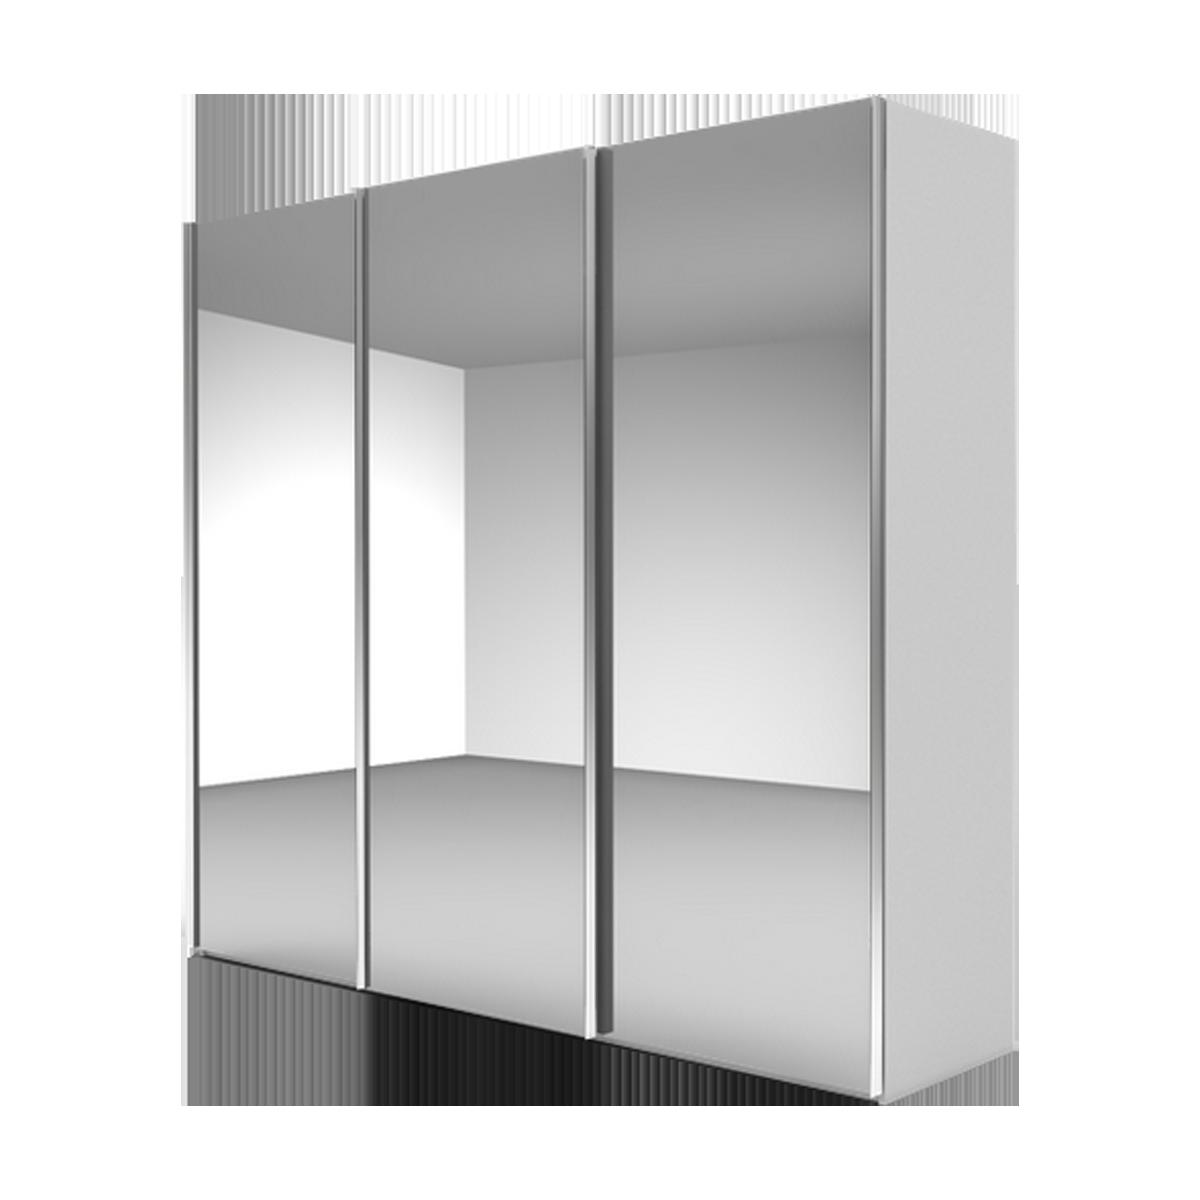 Nolte Mobel Marcato 2 1 Schwebeturenschrank Ausfuhrung 1 Front Spiegel